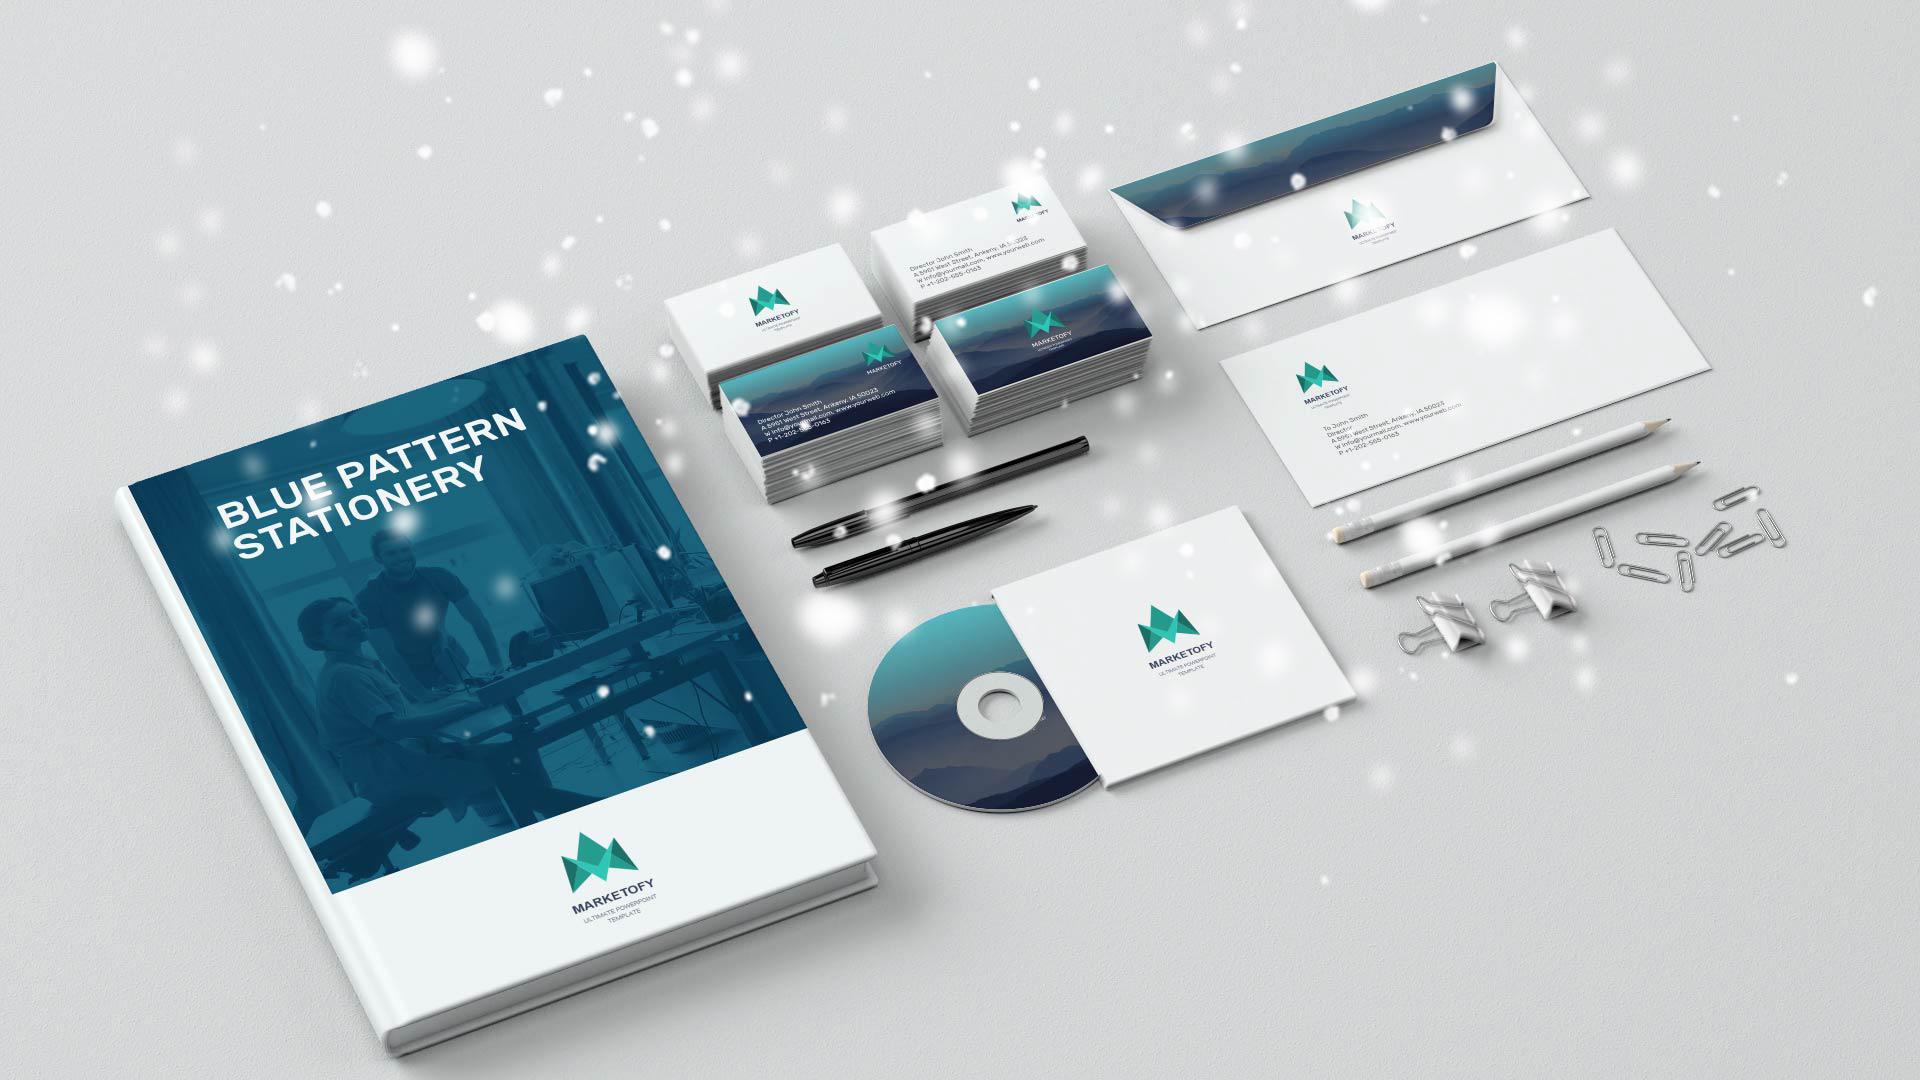 Digital Matbaa